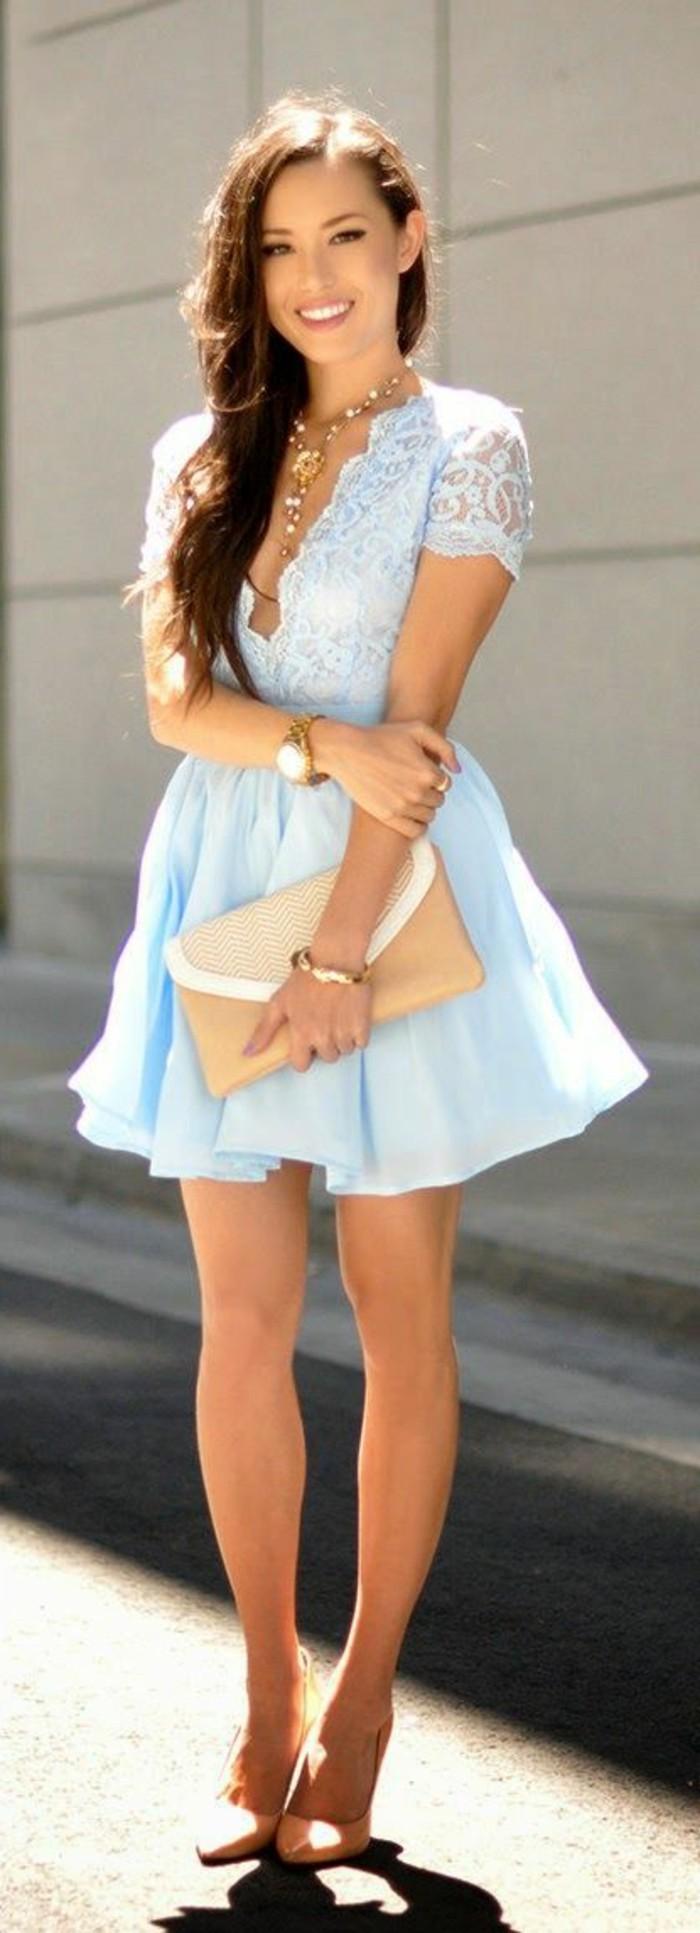 1-jolie-robe-de-soirée-courte-bleu-ciel-pour-les-filles-modernes-sac-a-main-beige